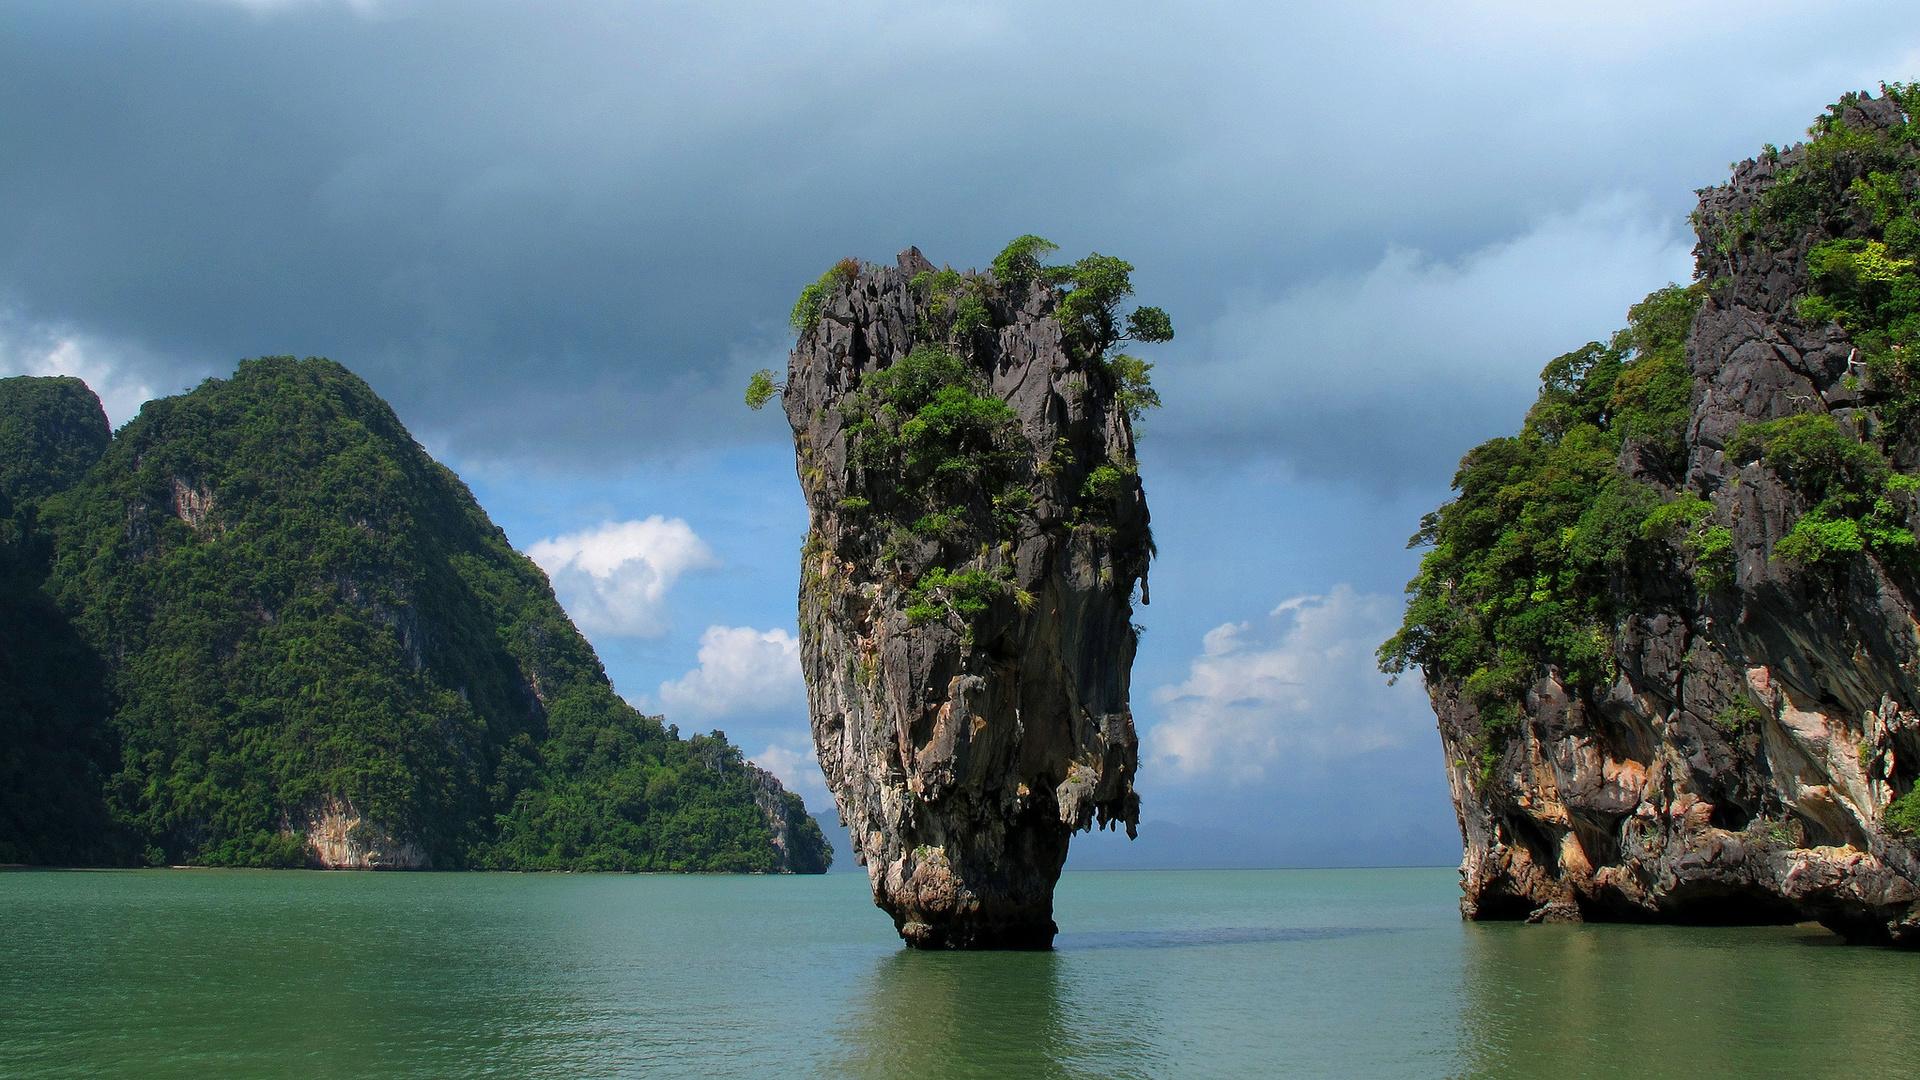 зеленого, тайланд картинки для экрана утро